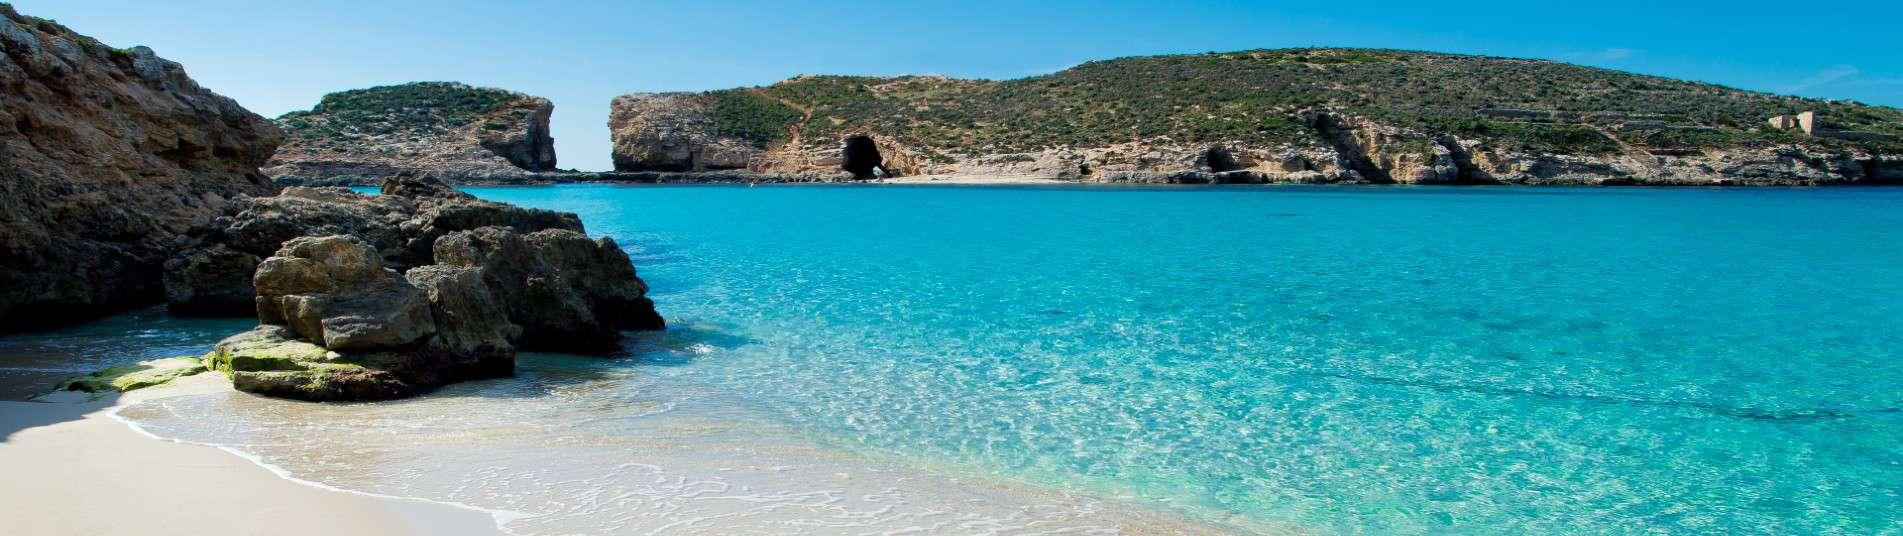 Lagon de Comino, Ile de Malte